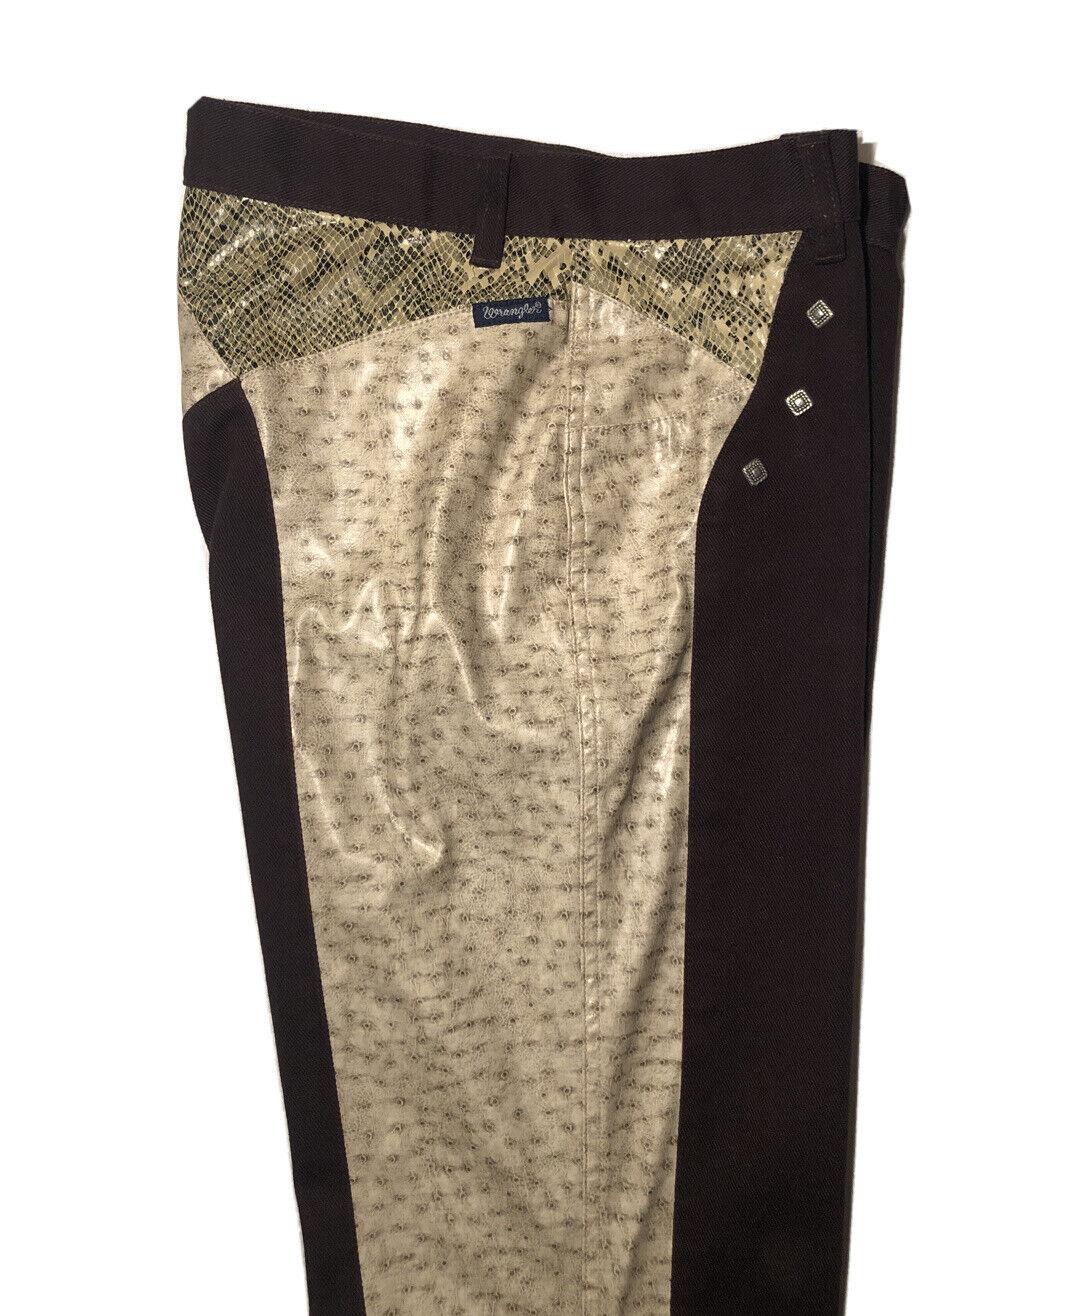 Mens or Women's Custom Made Faux Snakeskin WRANGLER Brand Pants! Size: 29x34